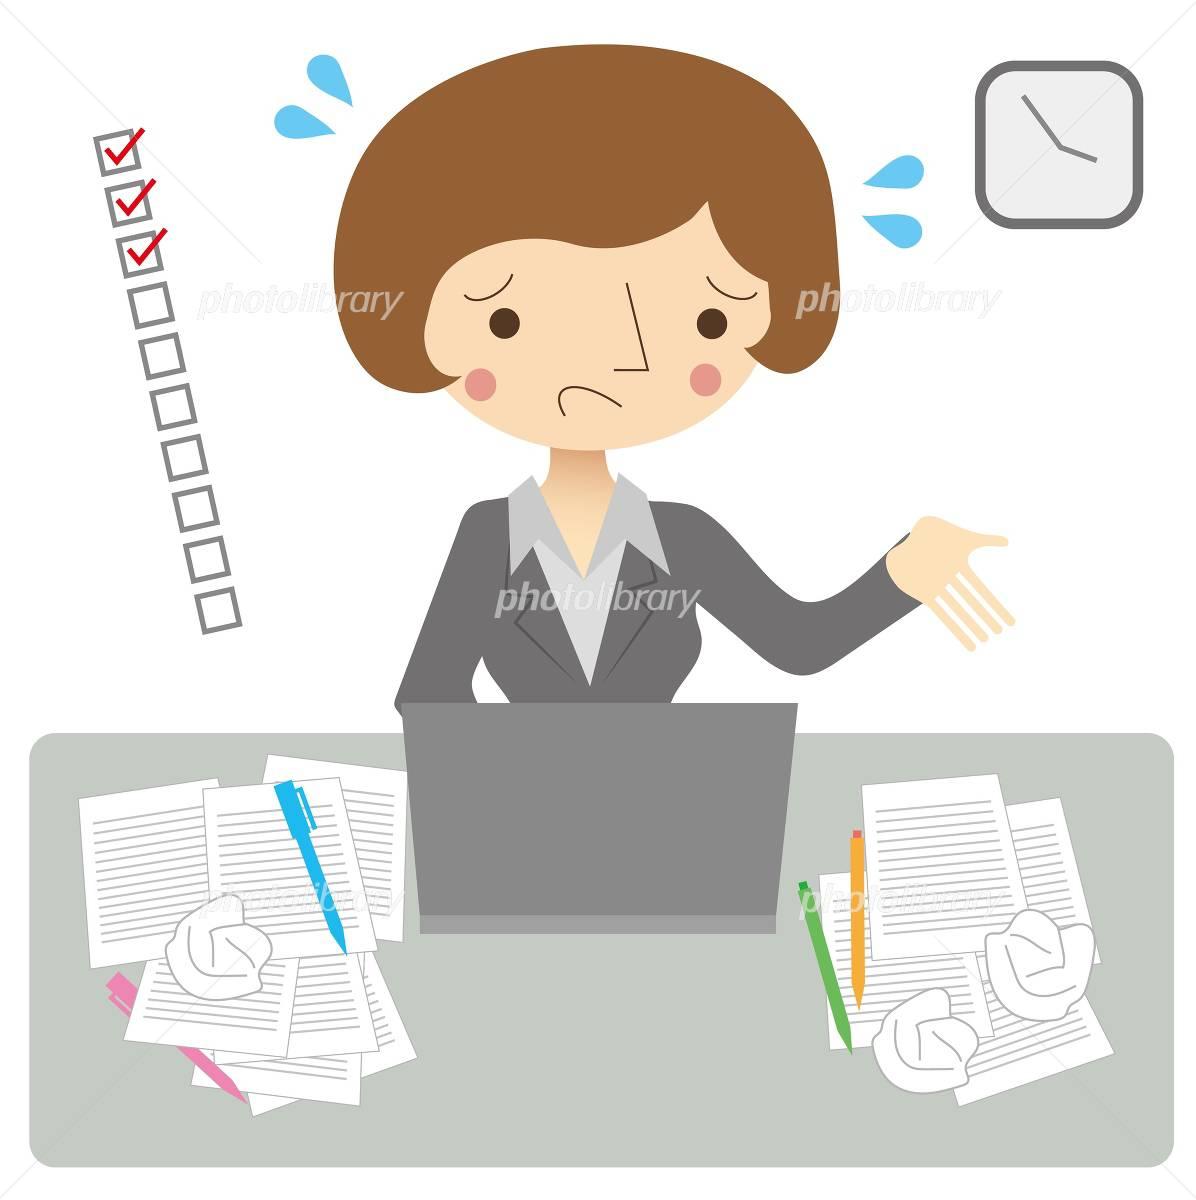 仕事の計画性がない女性 イラスト素材 4898942 フォトライブラリー